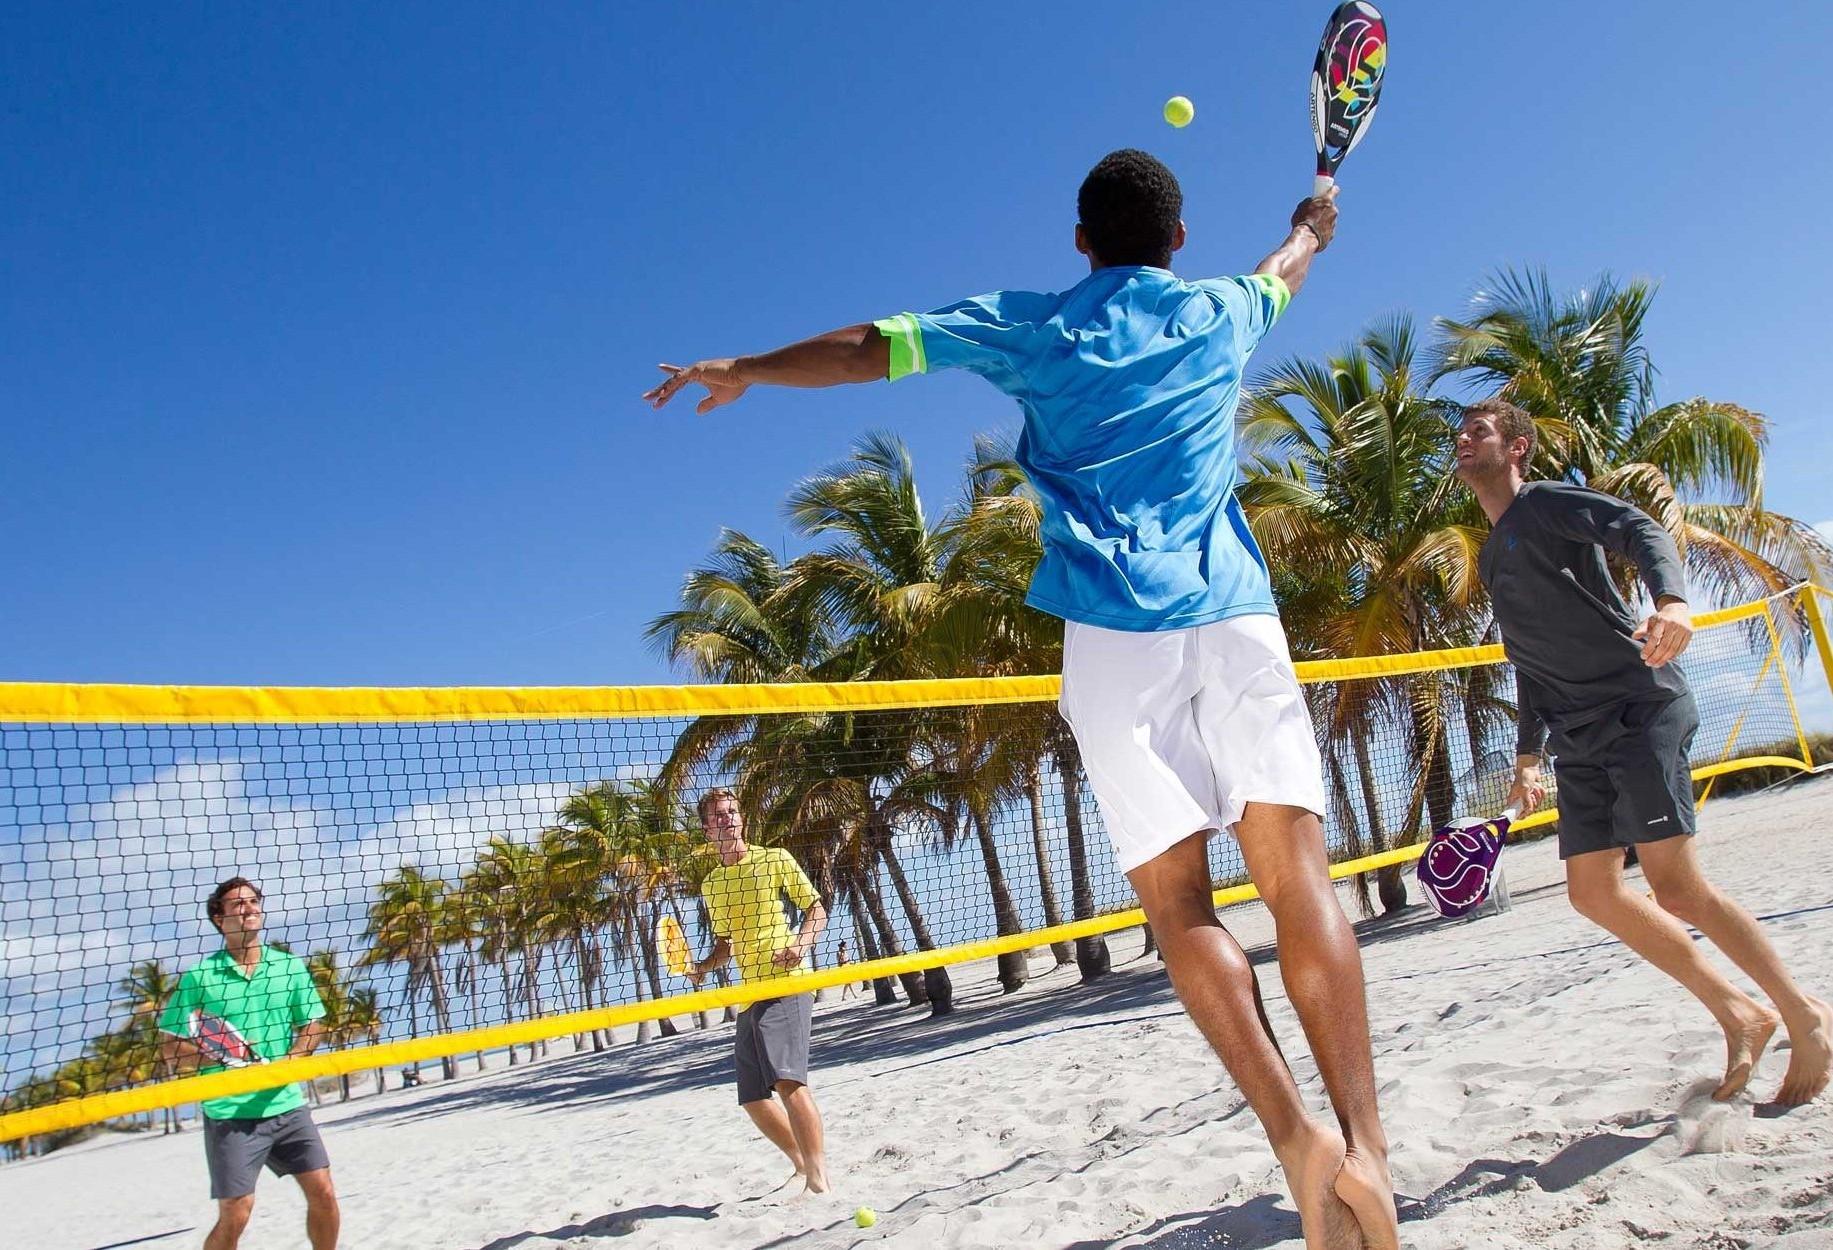 Abertas as inscrições para o beach tennis do Estação Verão